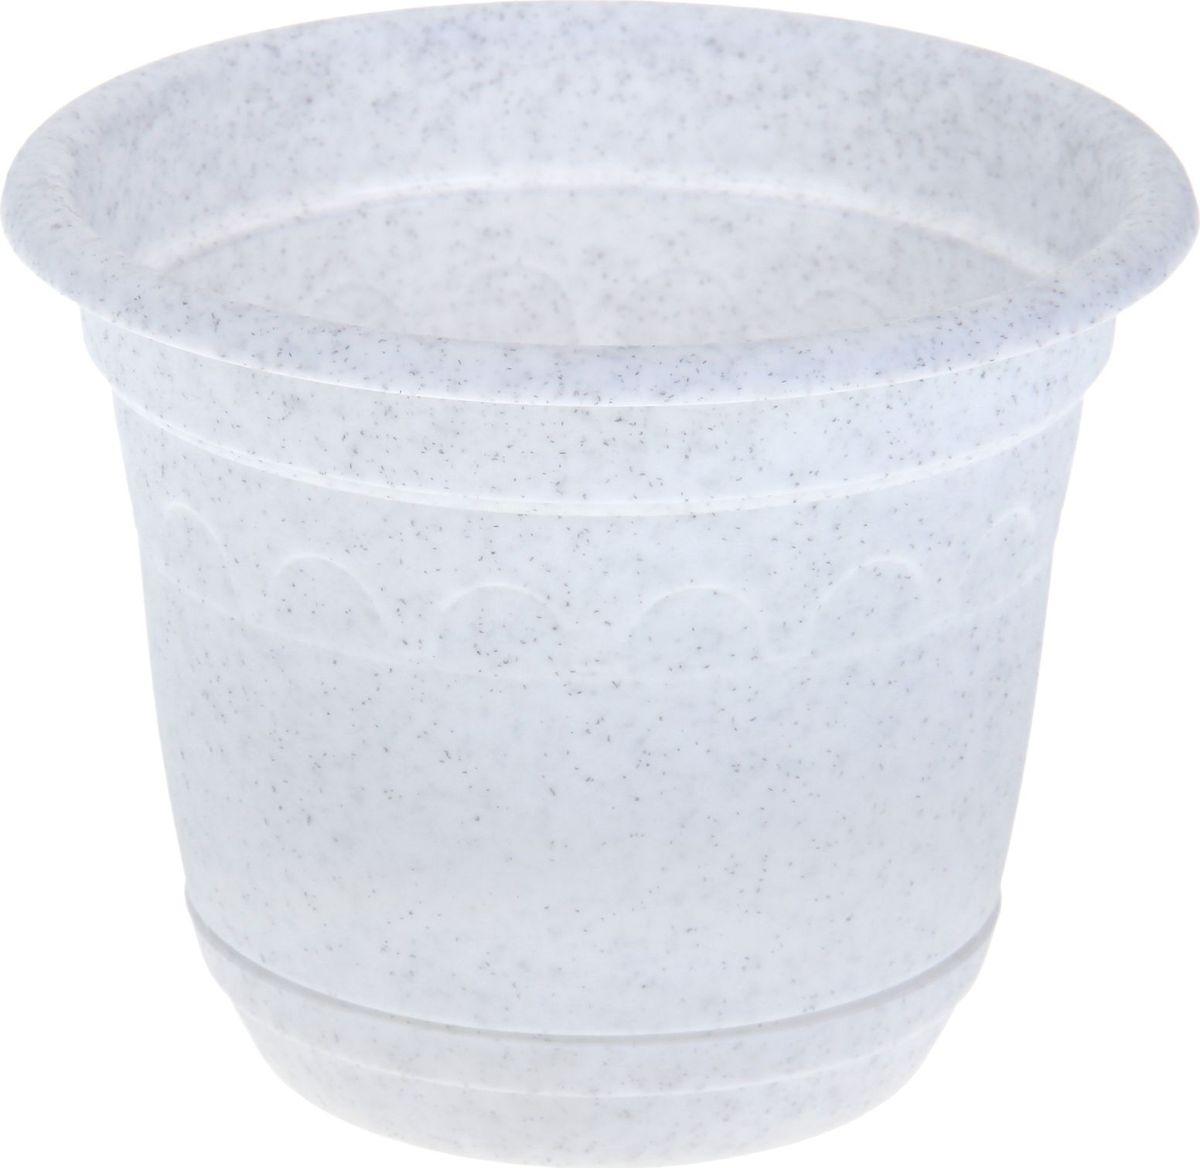 Горшок Martika Колывань, с поддоном, цвет: мрамор, 0,9 л531-105Любой, даже самый современный и продуманный интерьер будет не завершённым без растений. Они не только очищают воздух и насыщают его кислородом, но и заметно украшают окружающее пространство. Такому полезному члену семьи просто необходимо красивое и функциональное кашпо, оригинальный горшок или необычная ваза! Мы предлагаем - Горшок 0,9 л Колывань с поддоном d=14 см, цвет мрамор! Оптимальный выбор материала пластмасса! Почему мы так считаем? -Малый вес. С лёгкостью переносите горшки и кашпо с места на место, ставьте их на столики или полки, подвешивайте под потолок, не беспокоясь о нагрузке. -Простота ухода. Пластиковые изделия не нуждаются в специальных условиях хранения. Их легко чистить достаточно просто сполоснуть тёплой водой. -Никаких царапин. Пластиковые кашпо не царапают и не загрязняют поверхности, на которых стоят. -Пластик дольше хранит влагу, а значит растение реже нуждается в поливе. -Пластмасса не пропускает воздух корневой системе растения не грозят резкие перепады температур. -Огромный выбор форм, декора и расцветок вы без труда подберёте что-то, что идеально впишется в уже существующий интерьер. Соблюдая нехитрые правила ухода, вы можете заметно продлить срок службы горшков, вазонов и кашпо из пластика: -всегда учитывайте размер кроны и корневой системы растения (при разрастании большое растение способно повредить маленький горшок)-берегите изделие от воздействия прямых солнечных лучей, чтобы кашпо и горшки не выцветали-держите кашпо и горшки из пластика подальше от нагревающихся поверхностей. Создавайте прекрасные цветочные композиции, выращивайте рассаду или необычные растения, а низкие цены позволят вам не ограничивать себя в выборе.